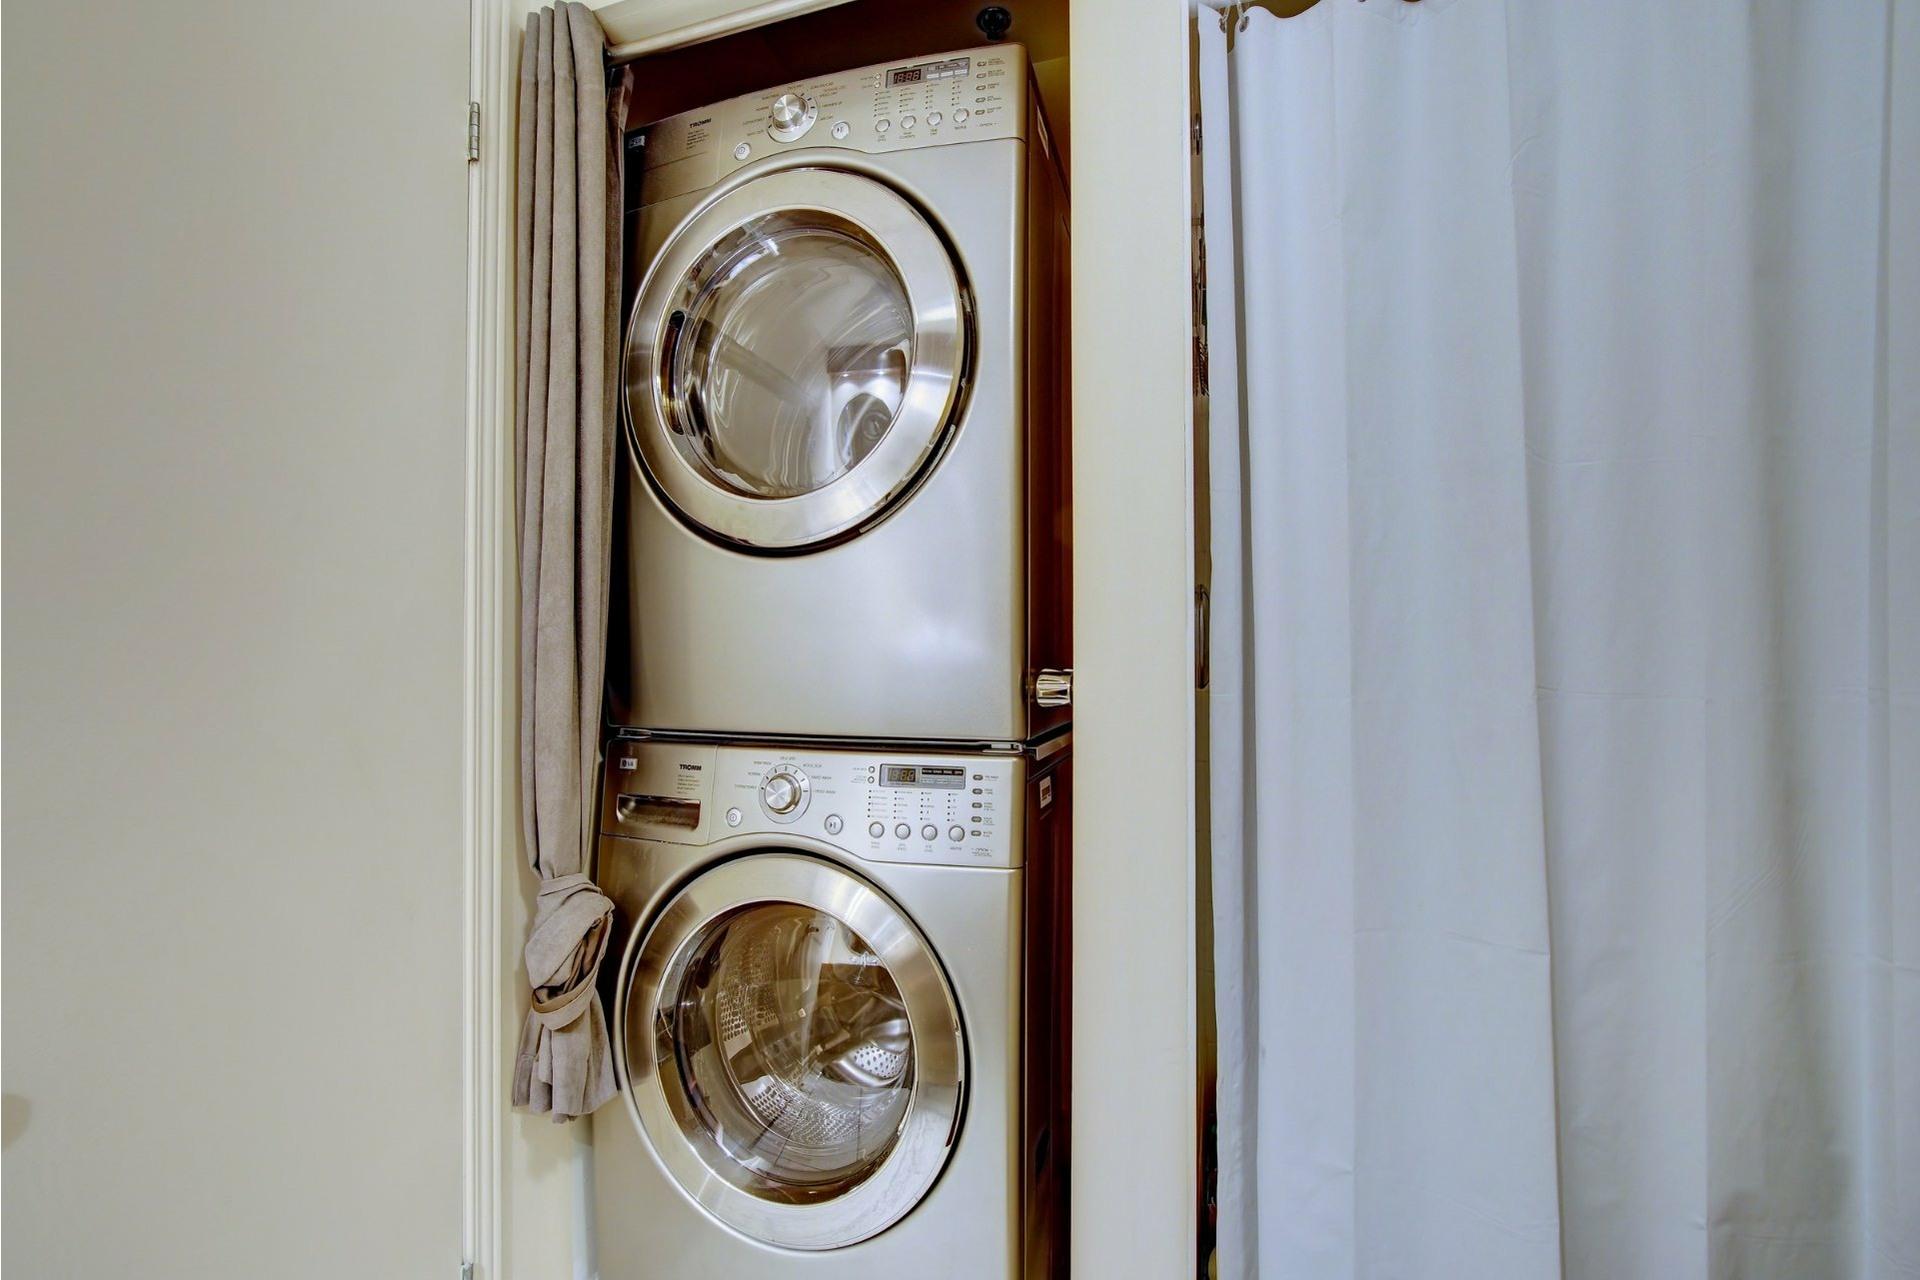 image 18 - Appartement À louer Laval-des-Rapides Laval  - 5 pièces